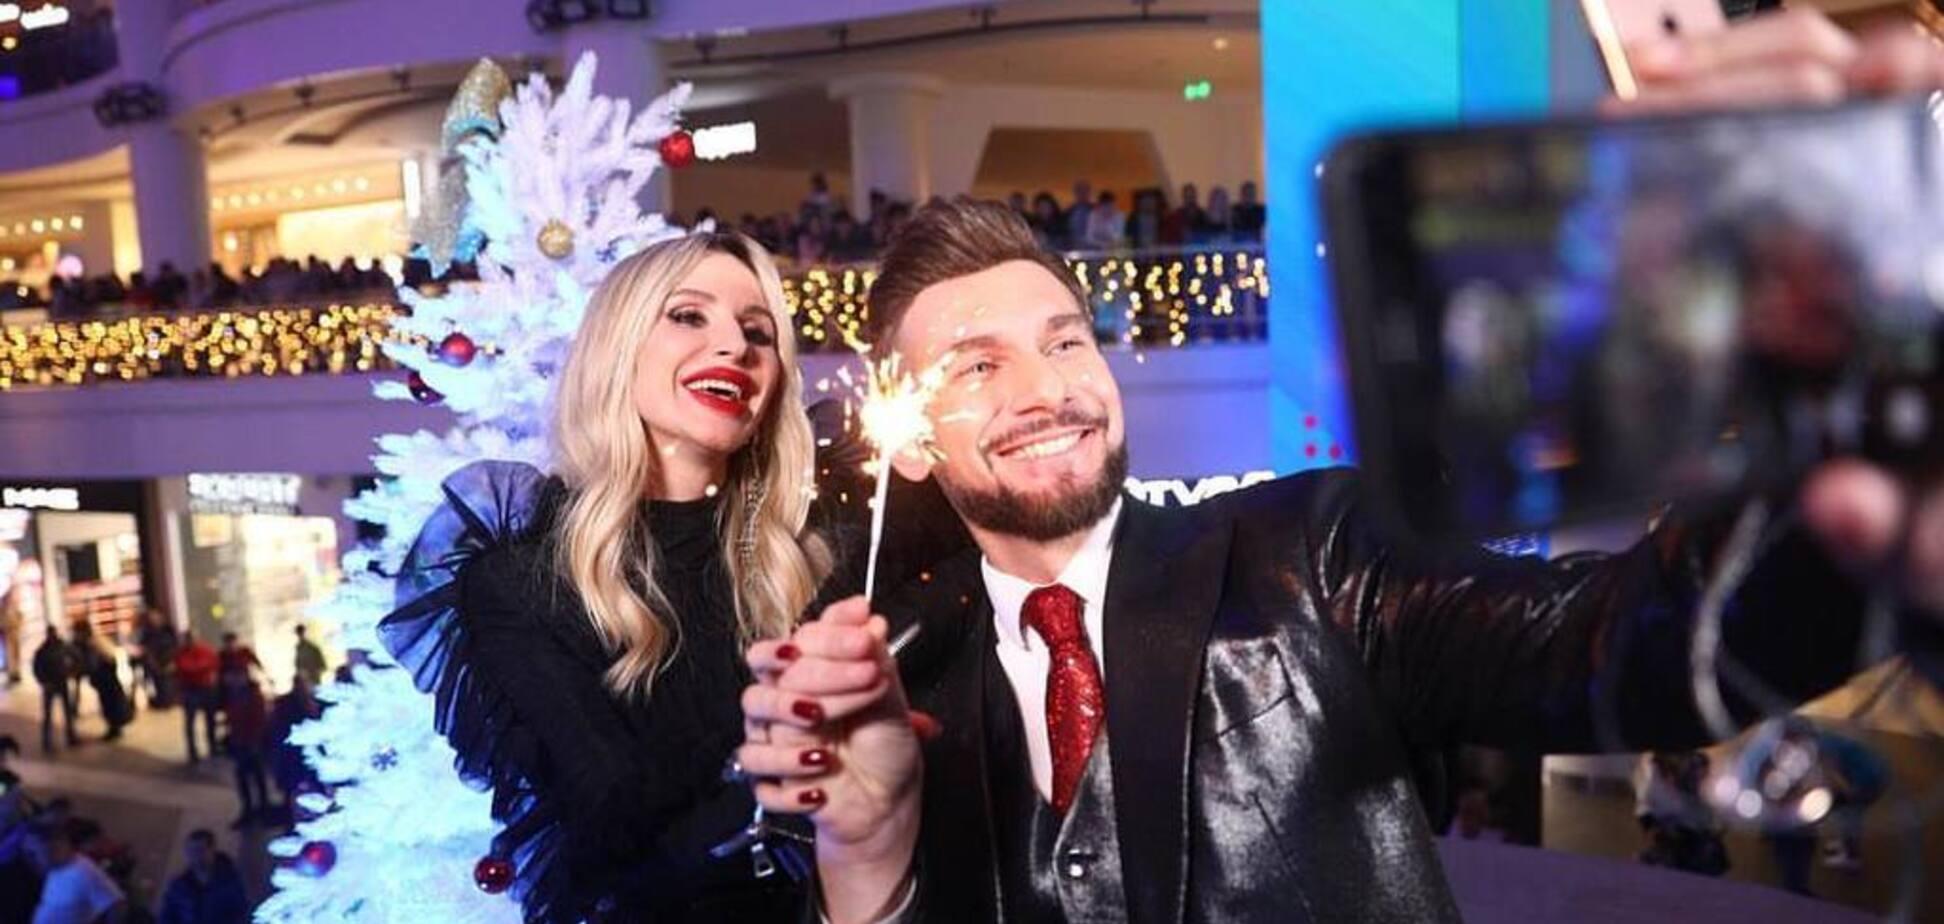 Украинские звезды засветились на 'новогоднем огоньке' в России: кто был